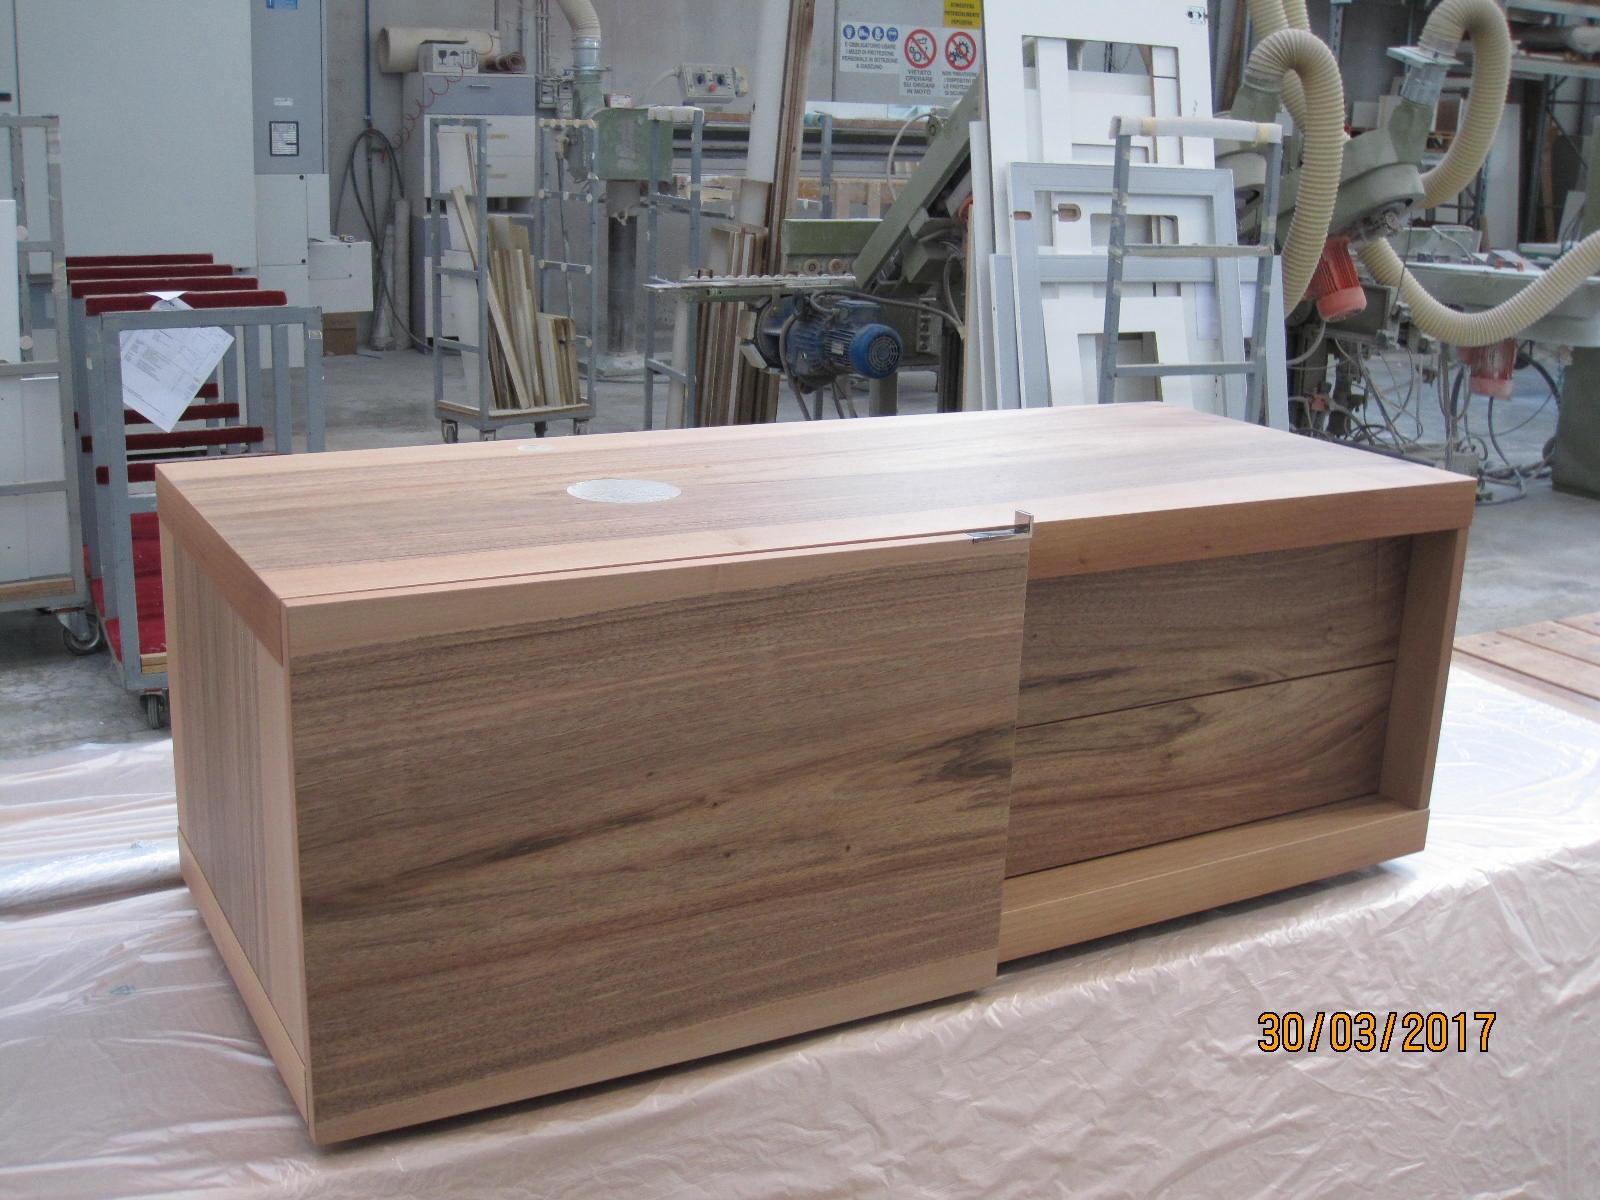 arlex slide legno - arredo bagno a prezzi scontati - Arlex Arredo Bagno